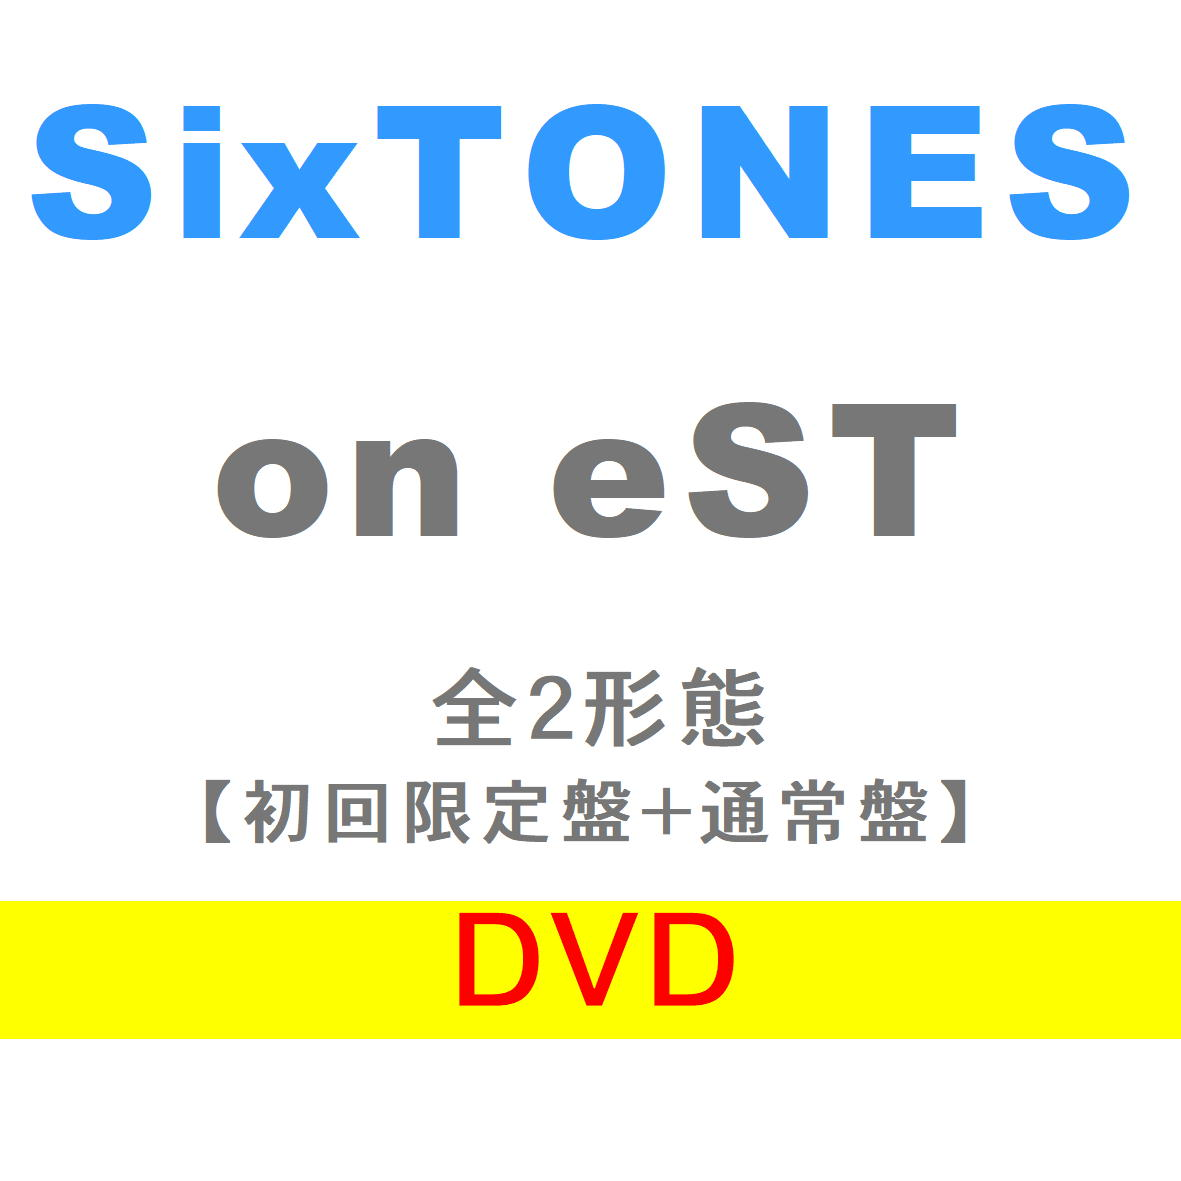 オリコンチャート調査店 DVD 2種セット 日本未発売 休み SixTONES on eST 初回盤+通常盤 2DVD オンエスト 20発売 2021 SEBJ-5 7 10 ストーンズ